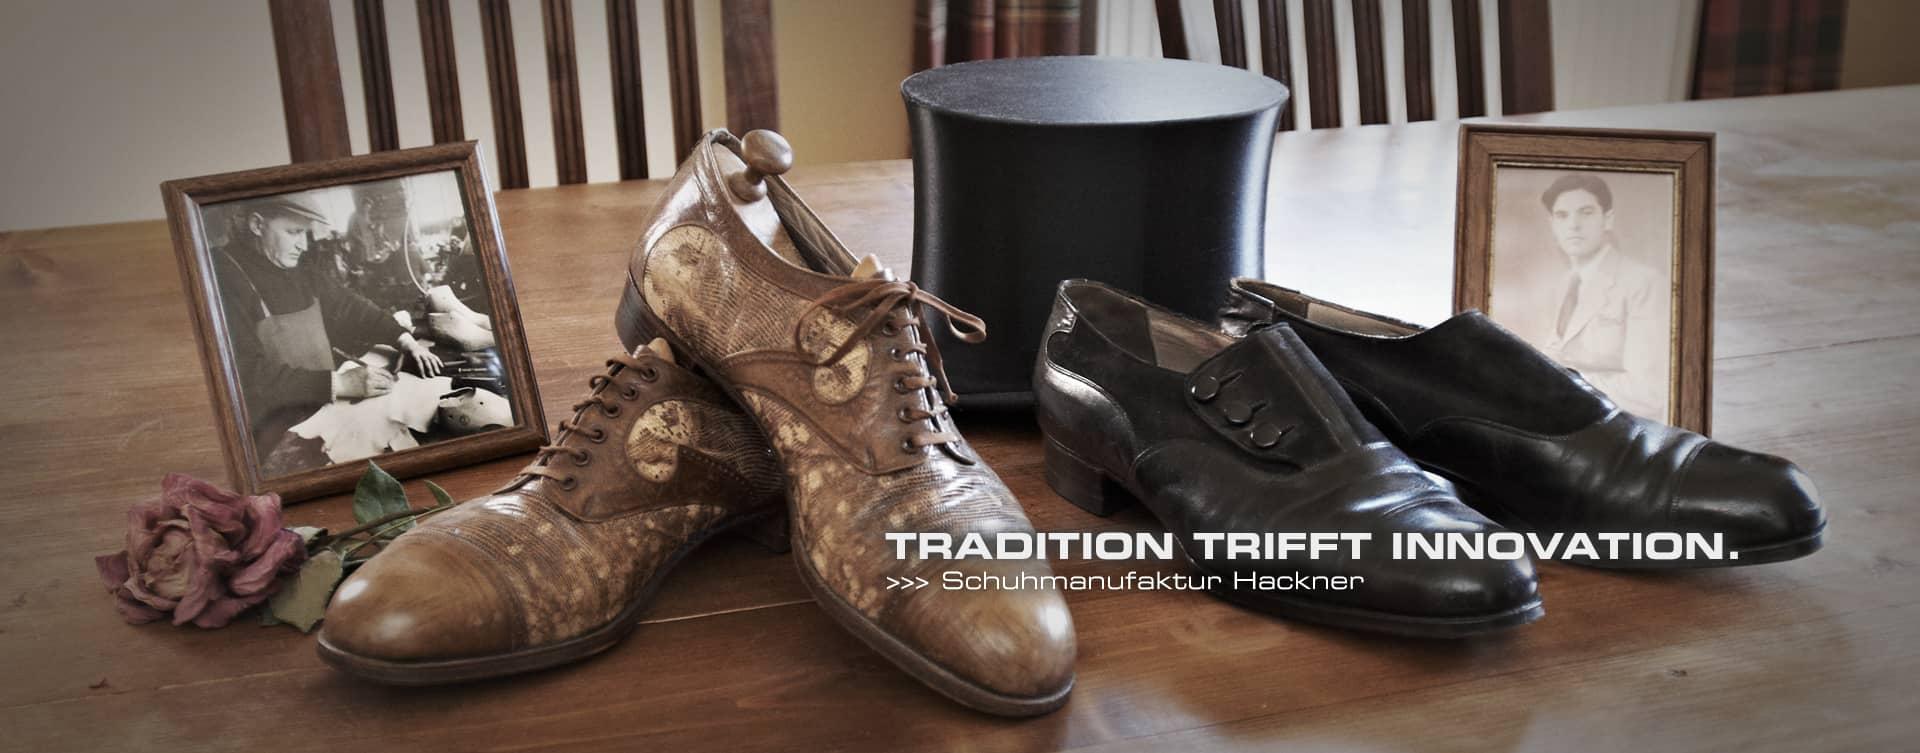 Gegründet wurde die Schuhmanufaktur Hackner bereits im Jahre 1948, als sich Schuhmachermeister Fritz Hackner mit seiner Manufaktur in Hilpoltstein niederließ um sich fortan auf die Fertigung zwiegenähten Schuhwerks zu konzentrierten.